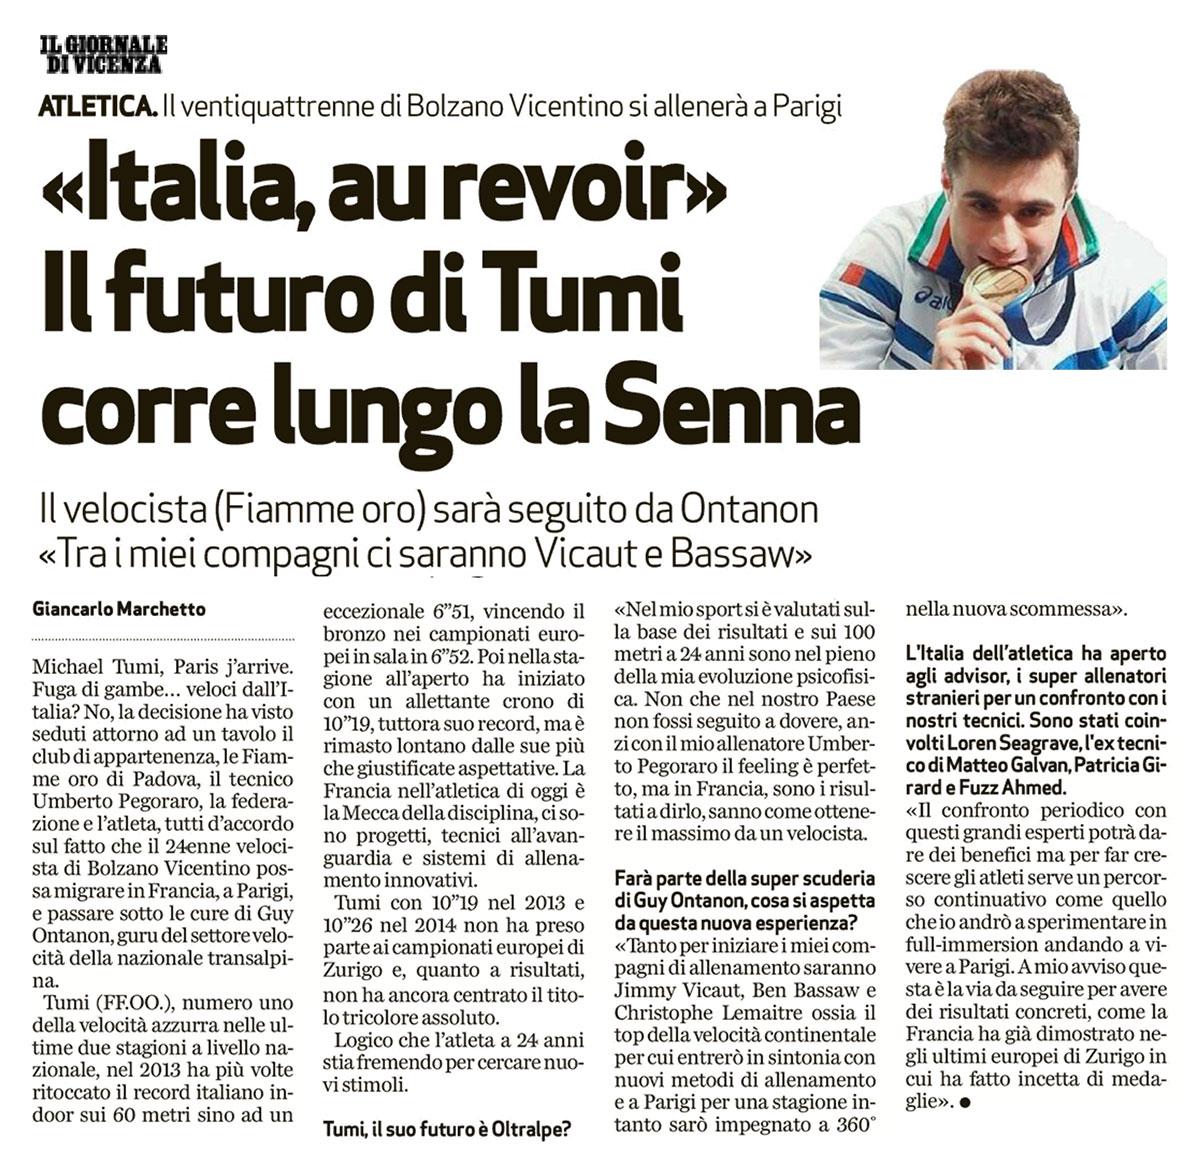 Giornale Vicenza 28 11 2014 - Fiamme Oro Atletica